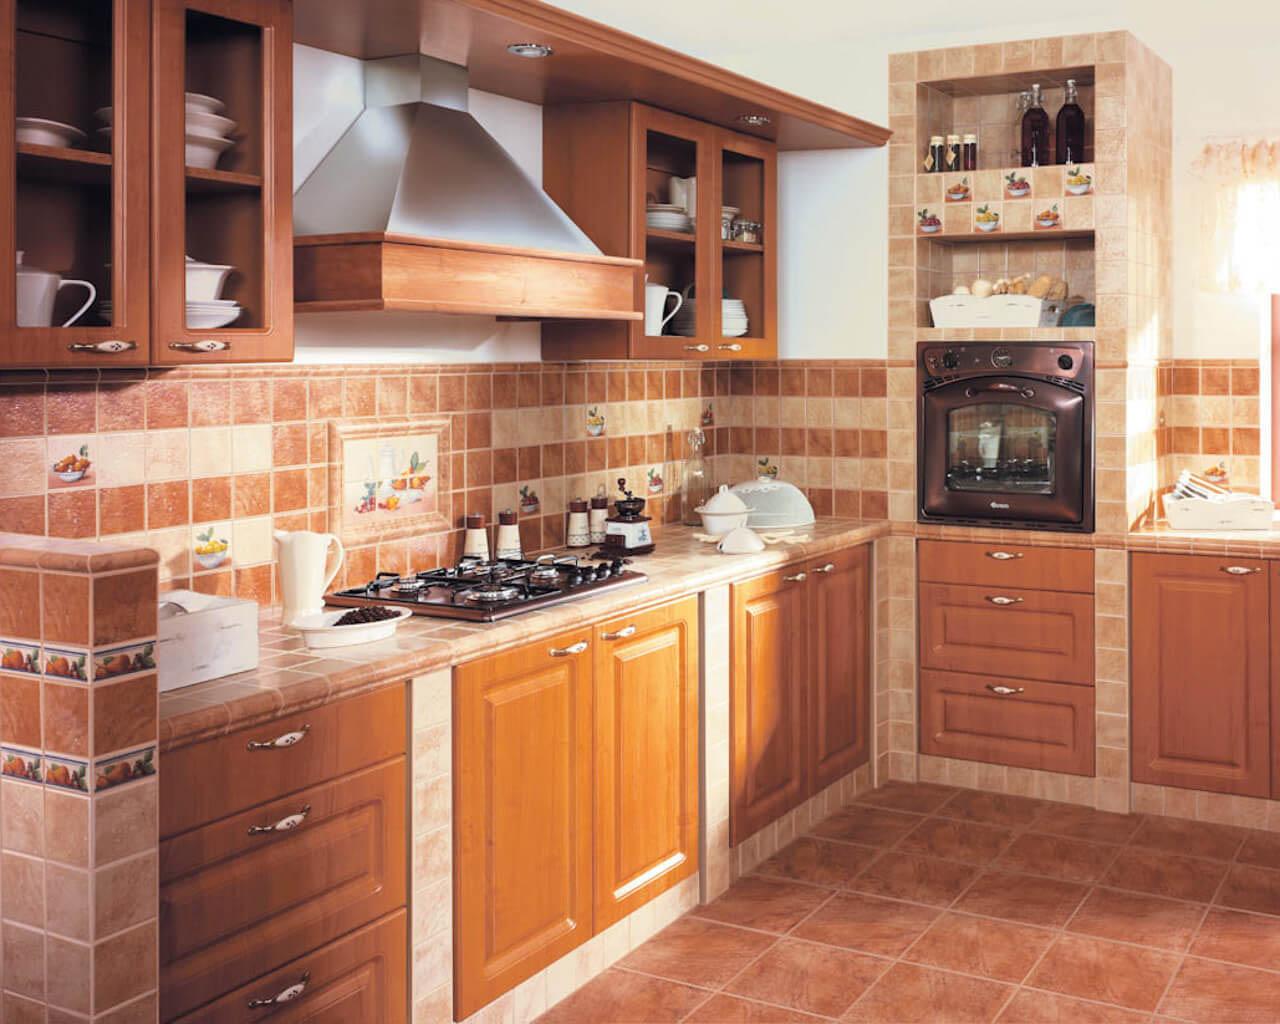 Tradycyjna, beżowo-brązowa kuchnia z owocowymi dekoracjami